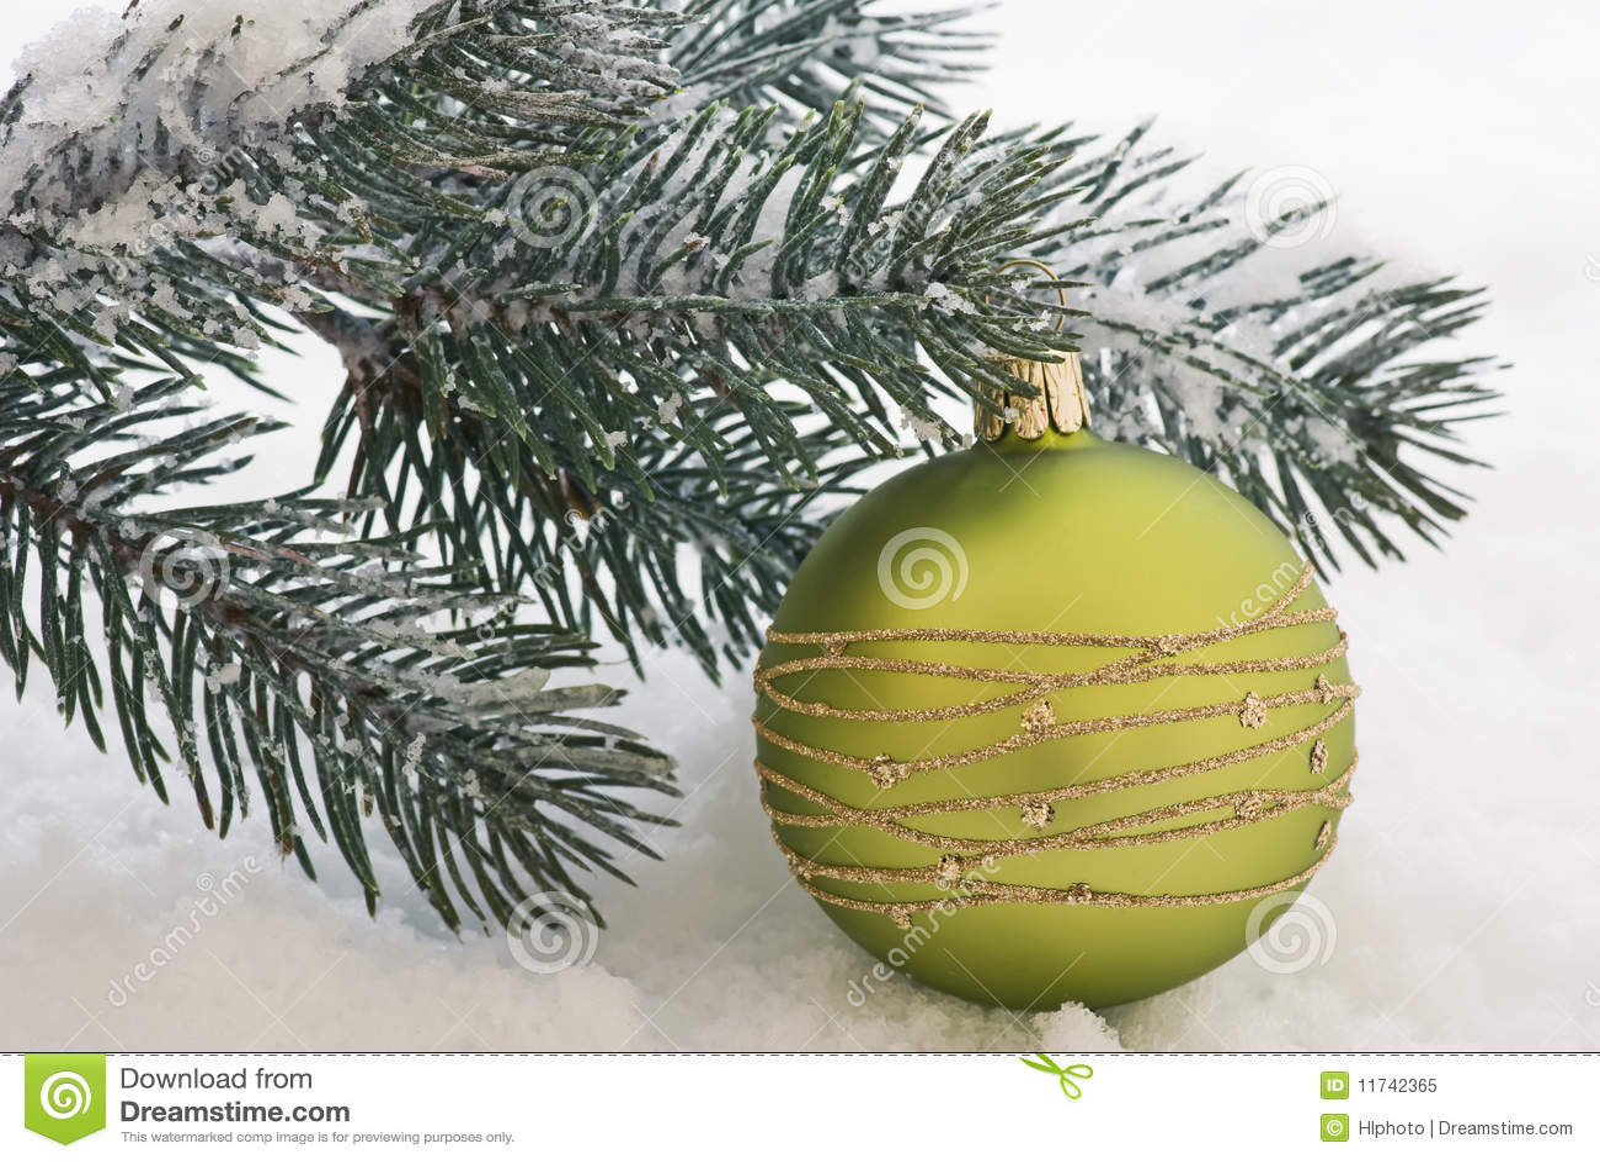 weihnachtsbaum im schnee lizenzfreies stockfoto bild. Black Bedroom Furniture Sets. Home Design Ideas